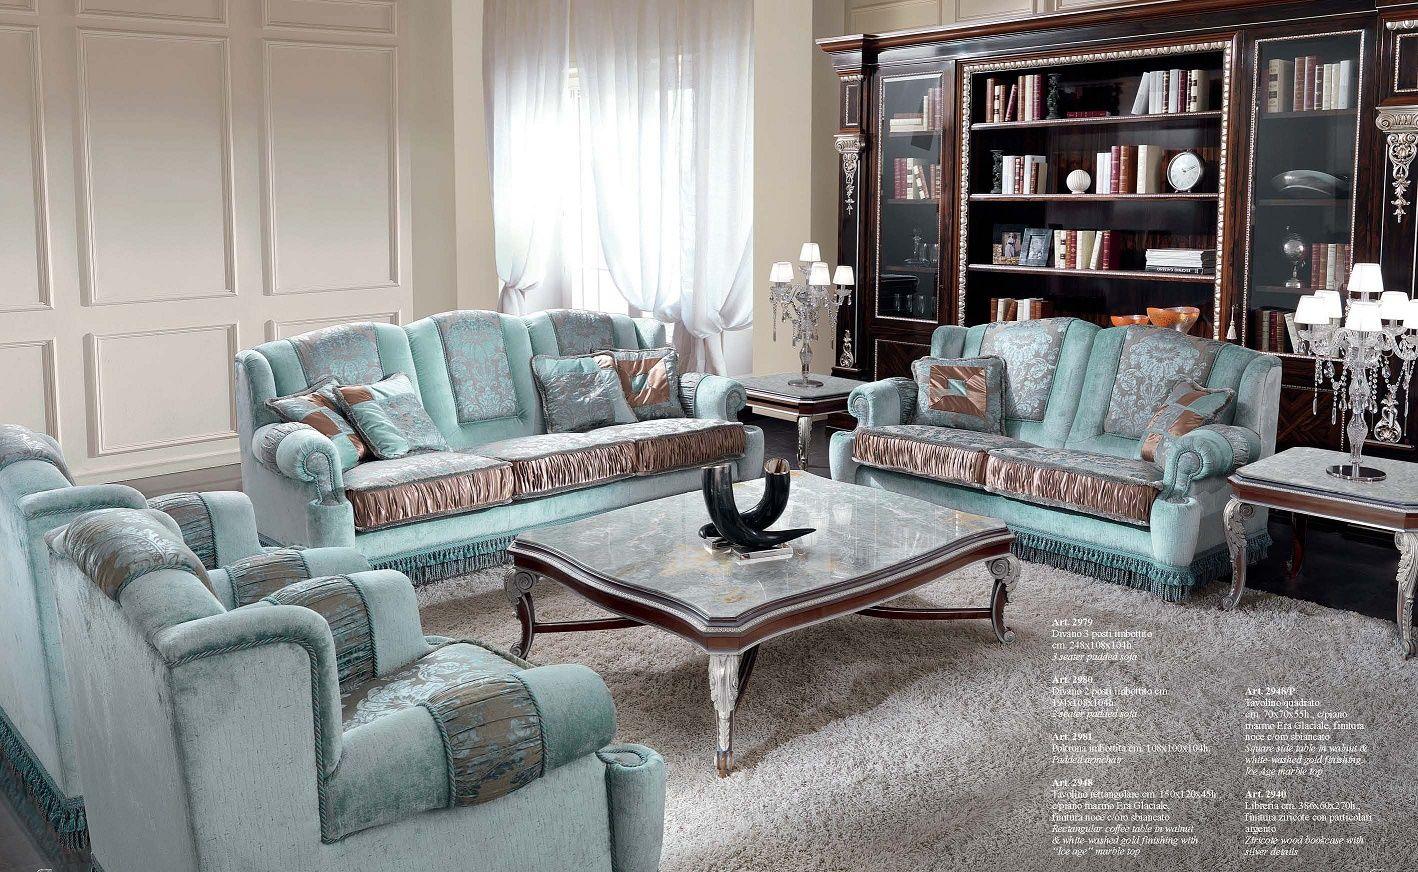 Muebles de lujo - Sofás lujo estilo CEPPIMuebles de Italia